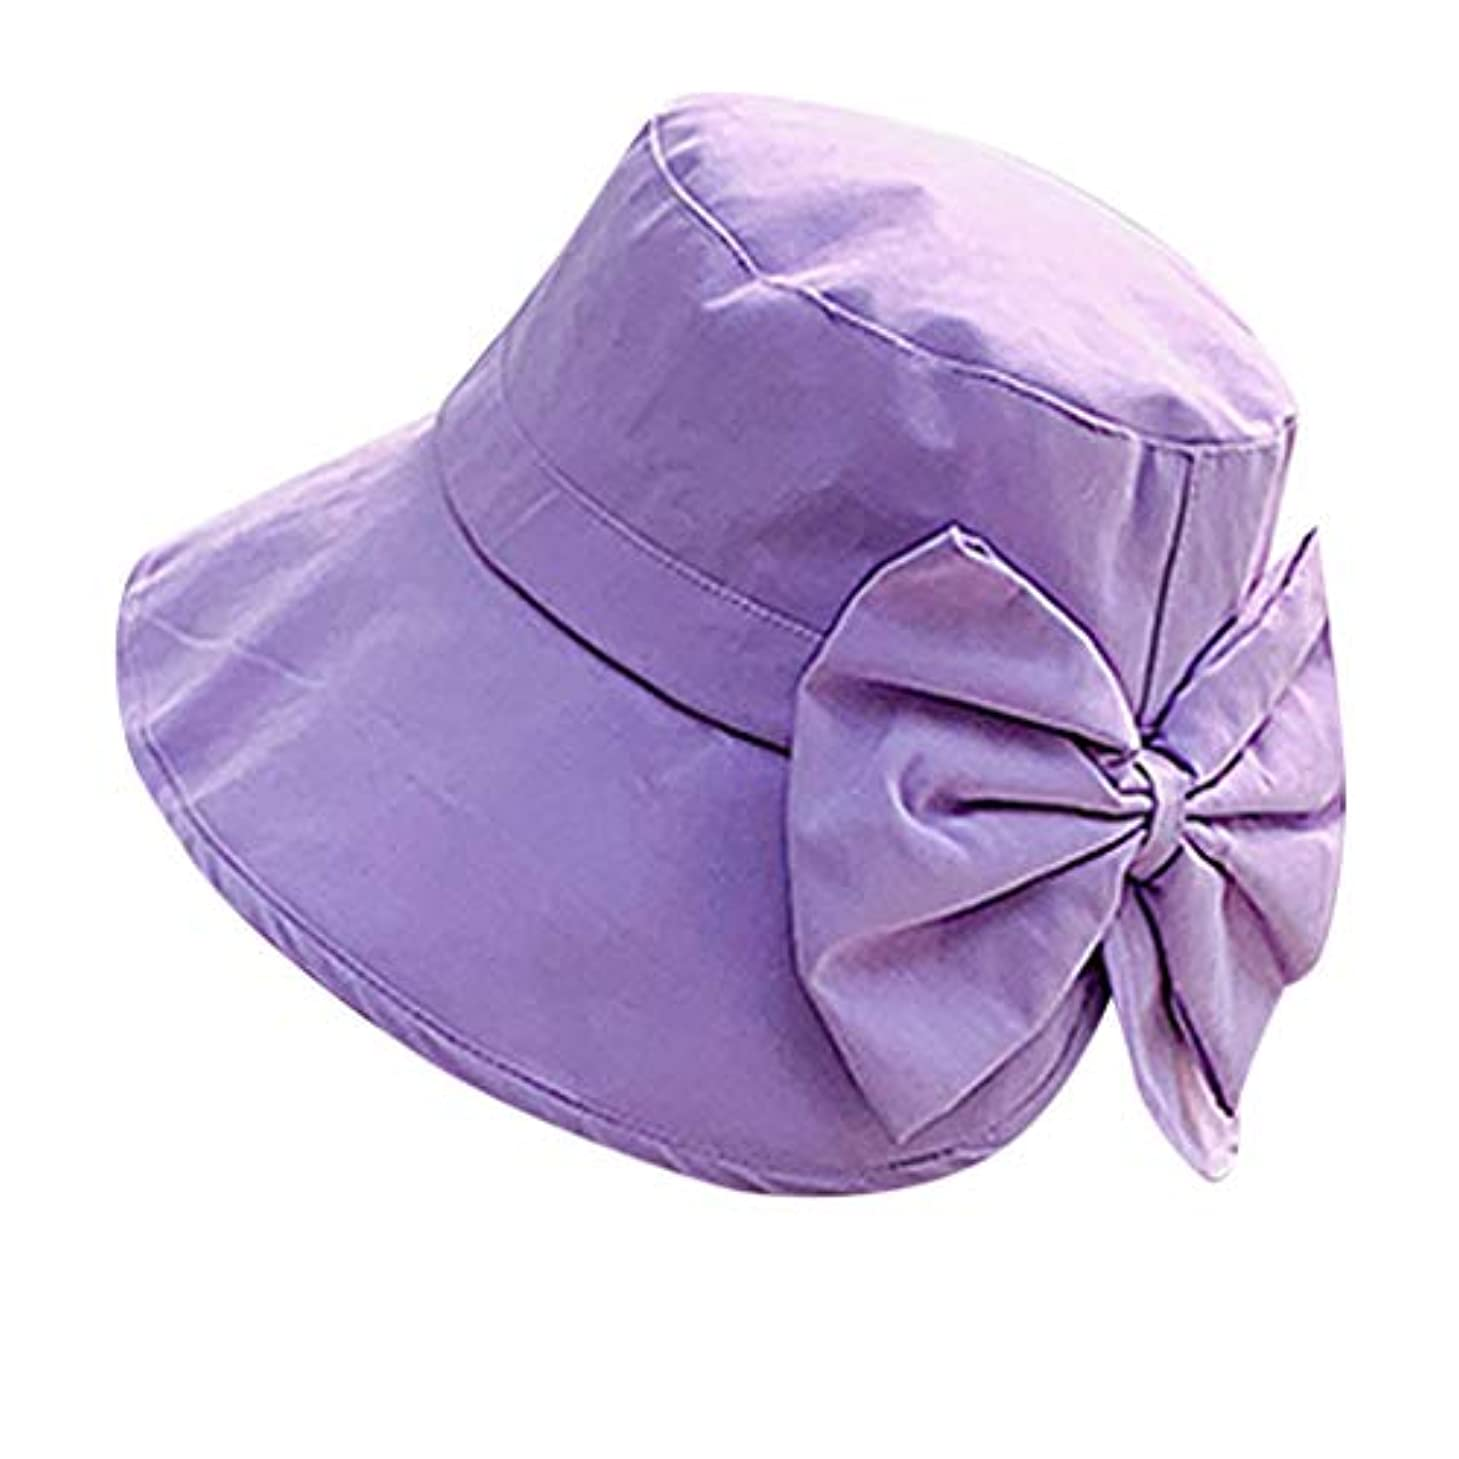 臭い厚さ率直な女性 帽子 レディース UVカット ハット女の子 つば広い 漁師帽 女優帽 小顔効果 紫外線 対策 レディース 蝶結び UV 加工 リボン ハット ビーチ 日よけ テント ビーチサンダル ベレー帽 ROSE ROMAN